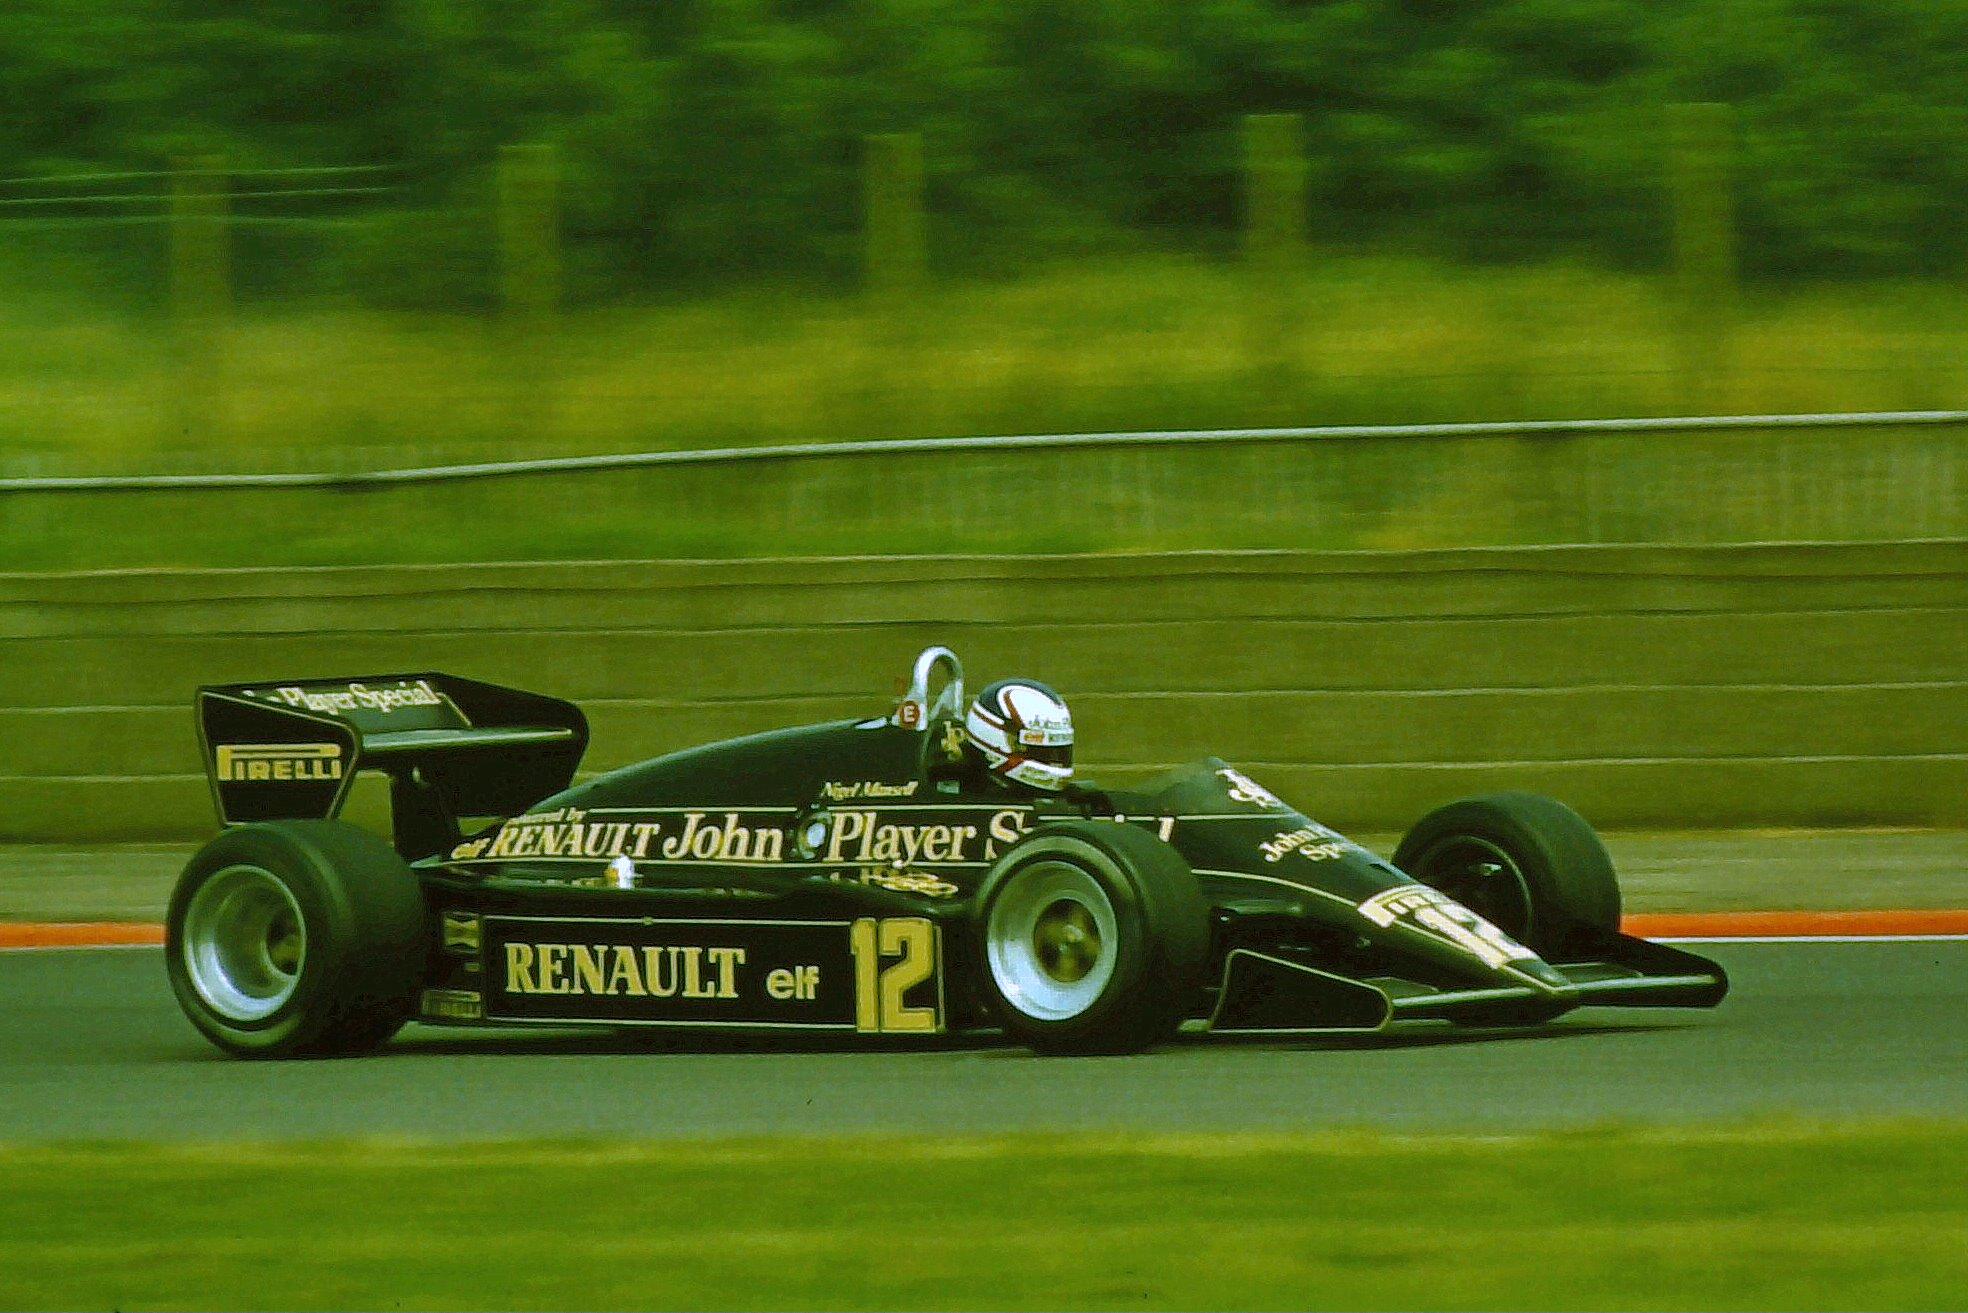 Mansell kjørte for Team Lotus fra 1980 til 1984, uten egentlig å imponere noen. Her er han avbildet i 1983, et år hvor han nok en gang leverte lite.